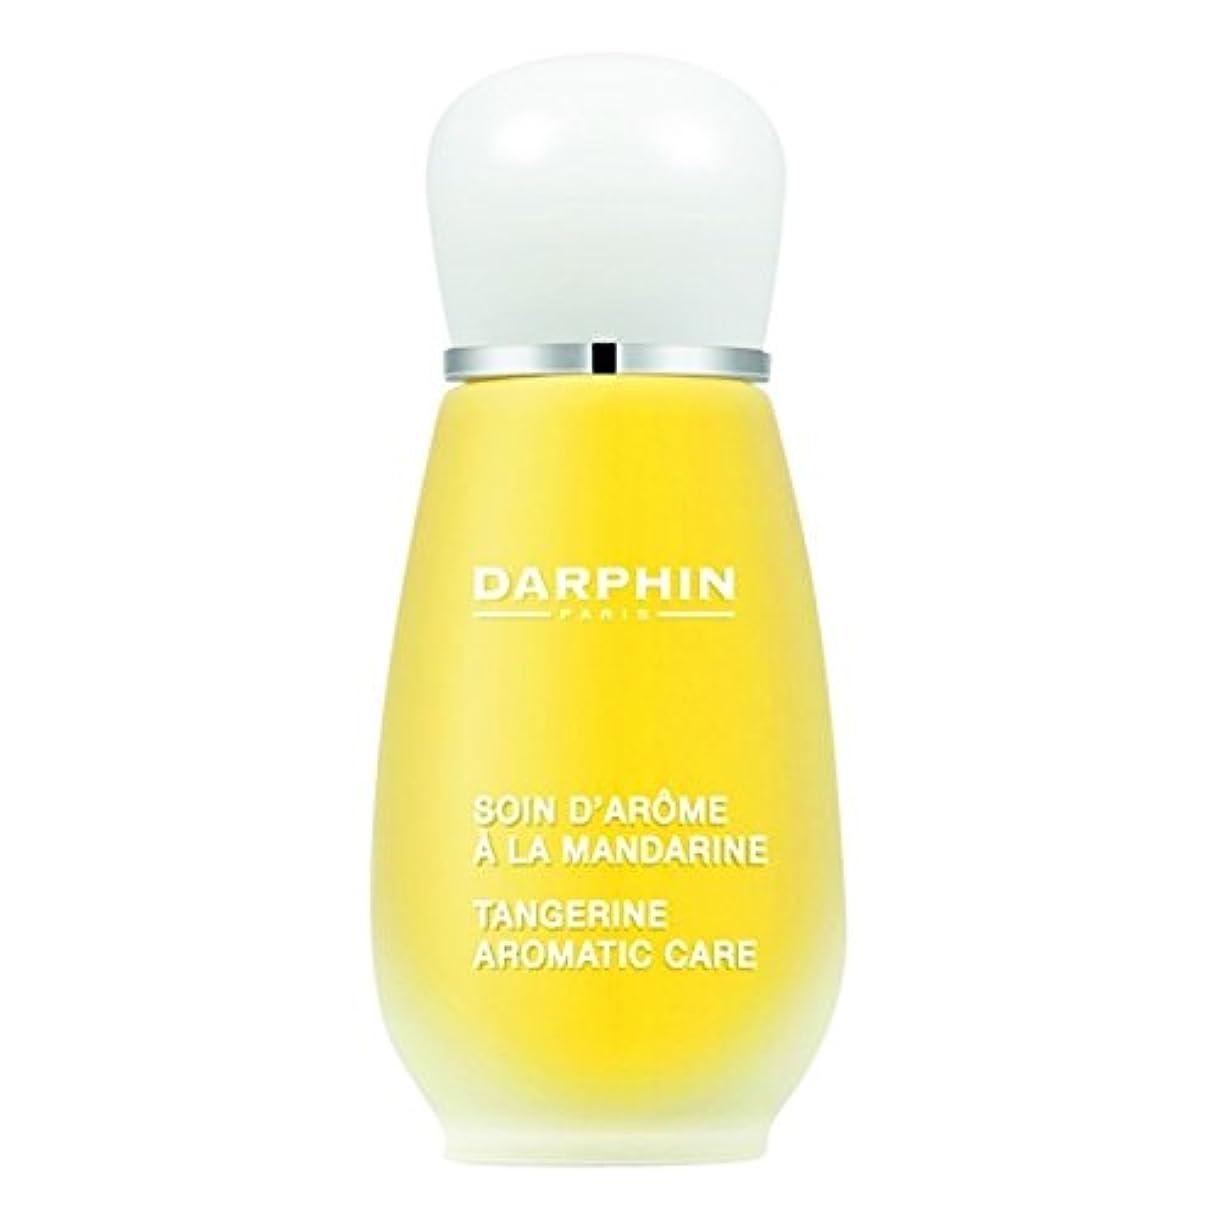 回復れんが迷惑ダルファンタンジェリン芳香ケア15ミリリットル (Darphin) - Darphin Tangerine Aromatic Care 15ml [並行輸入品]